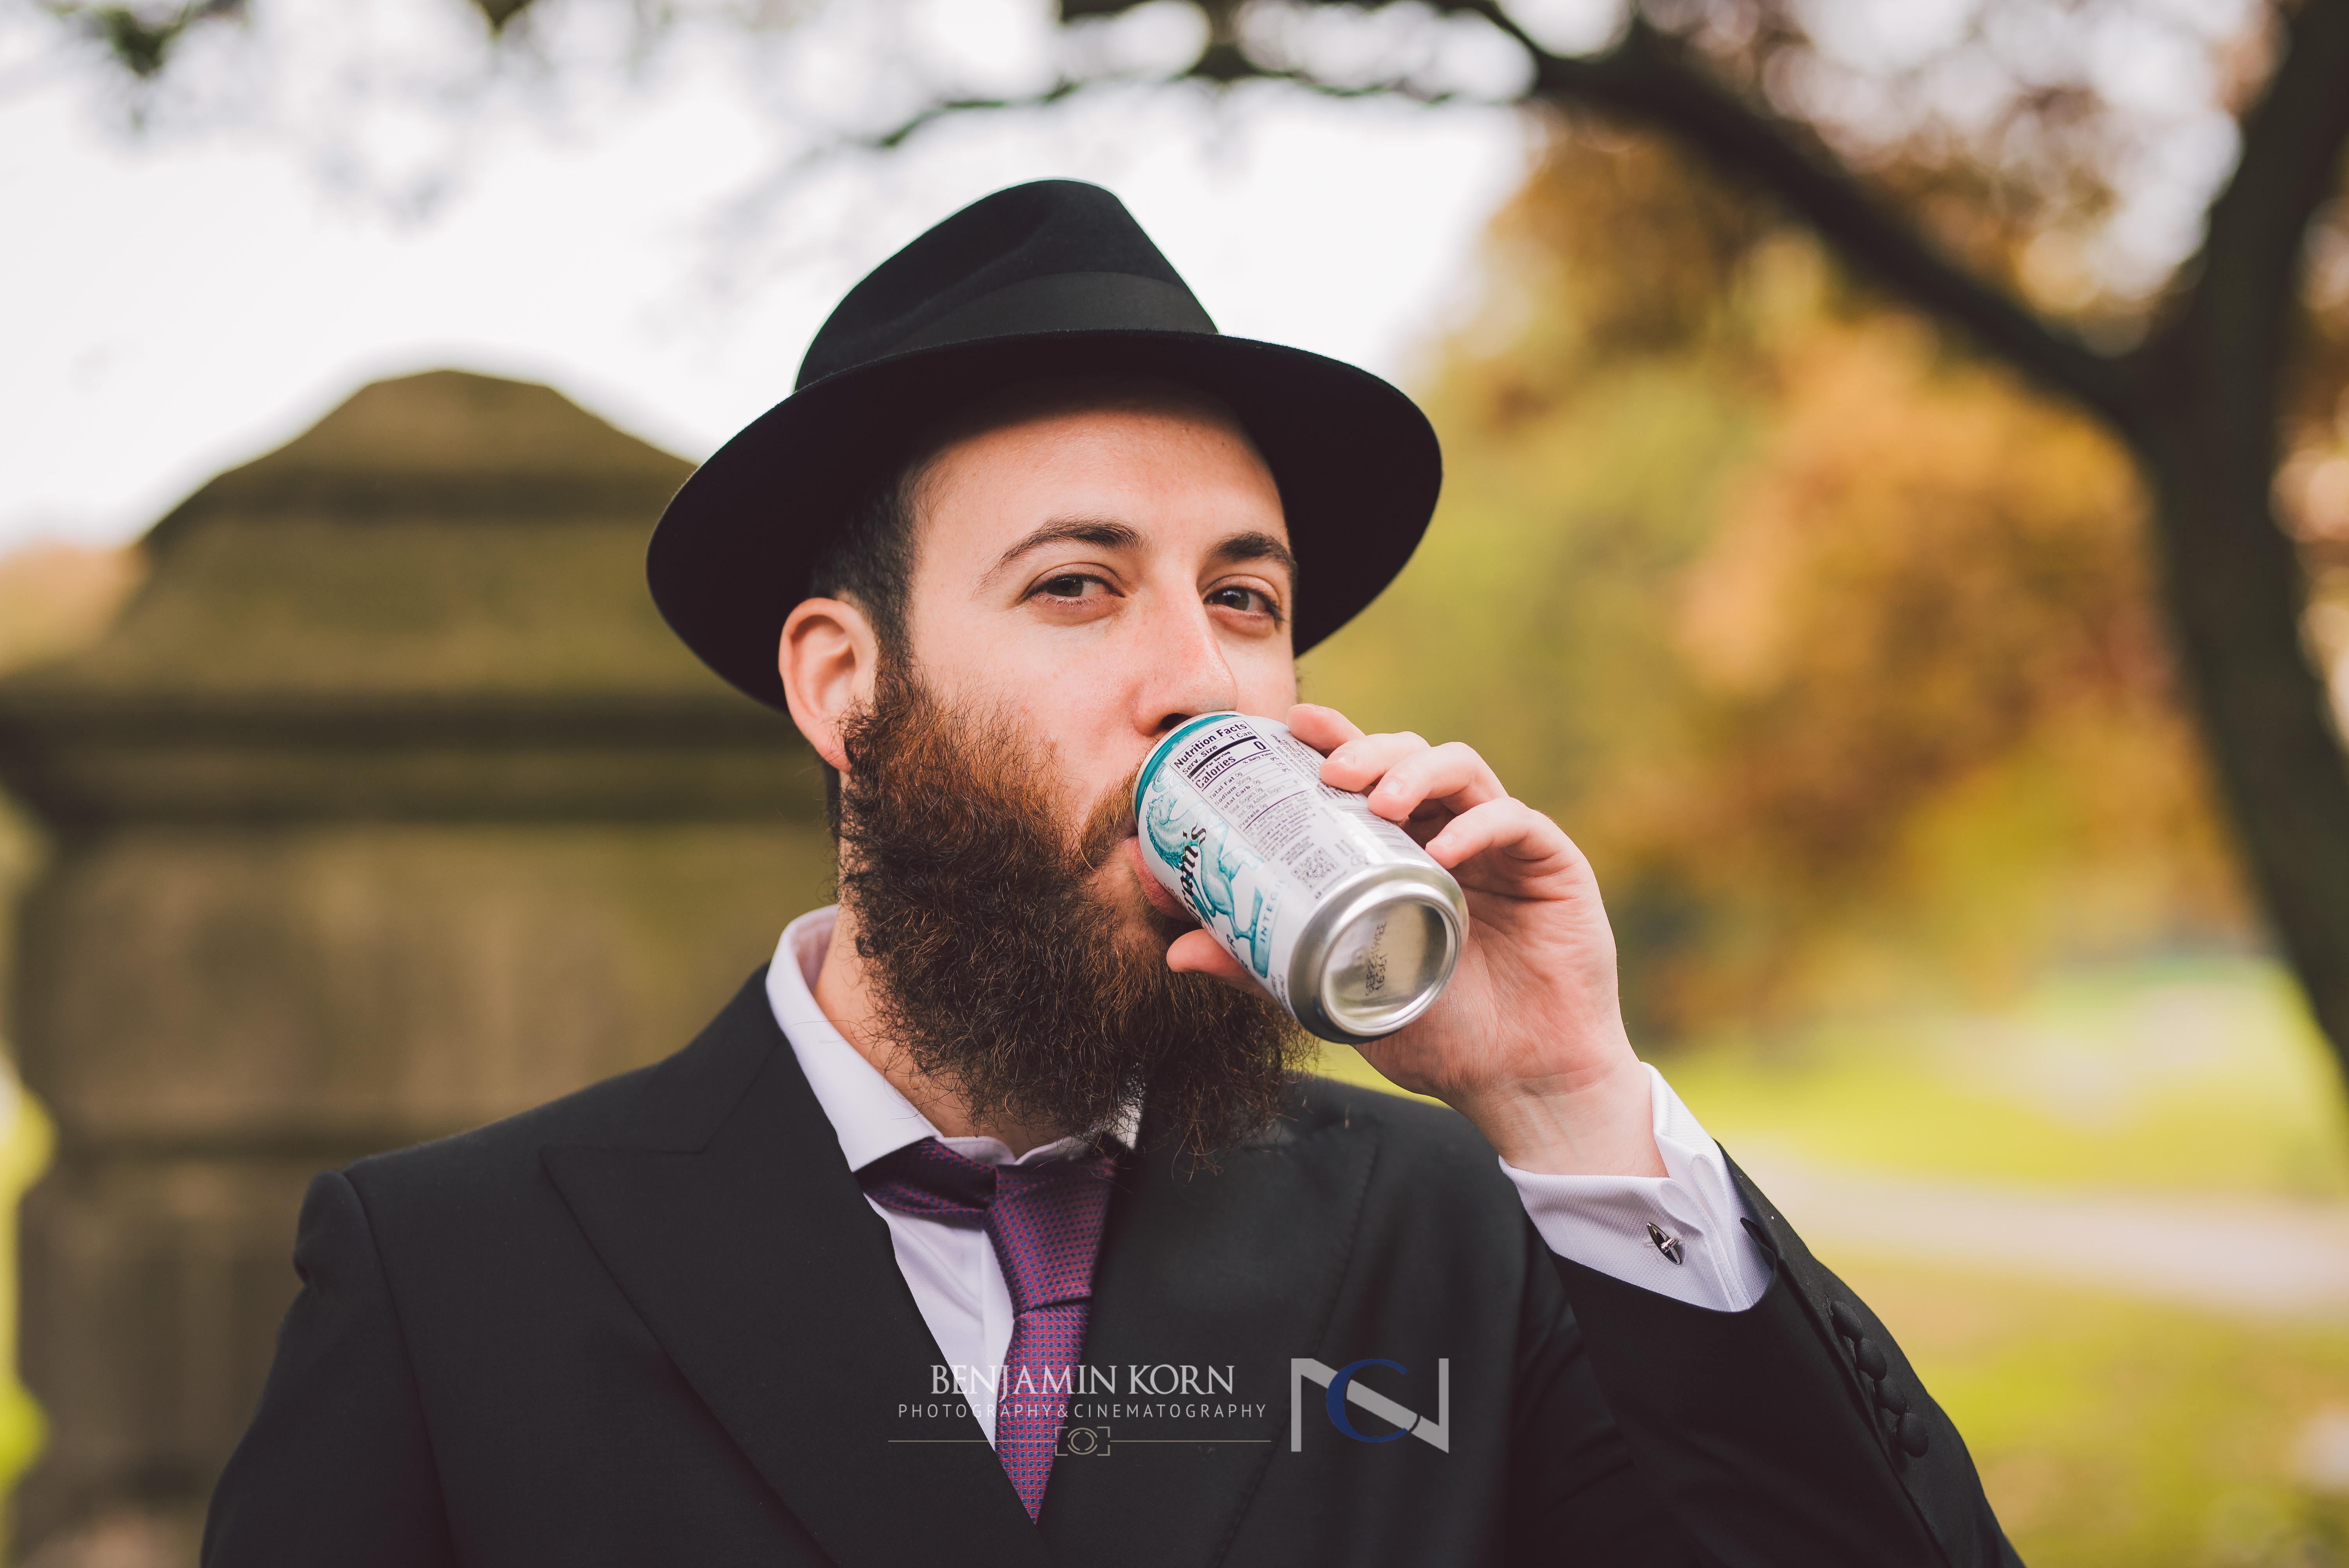 Benjamin Korn Photography-3716